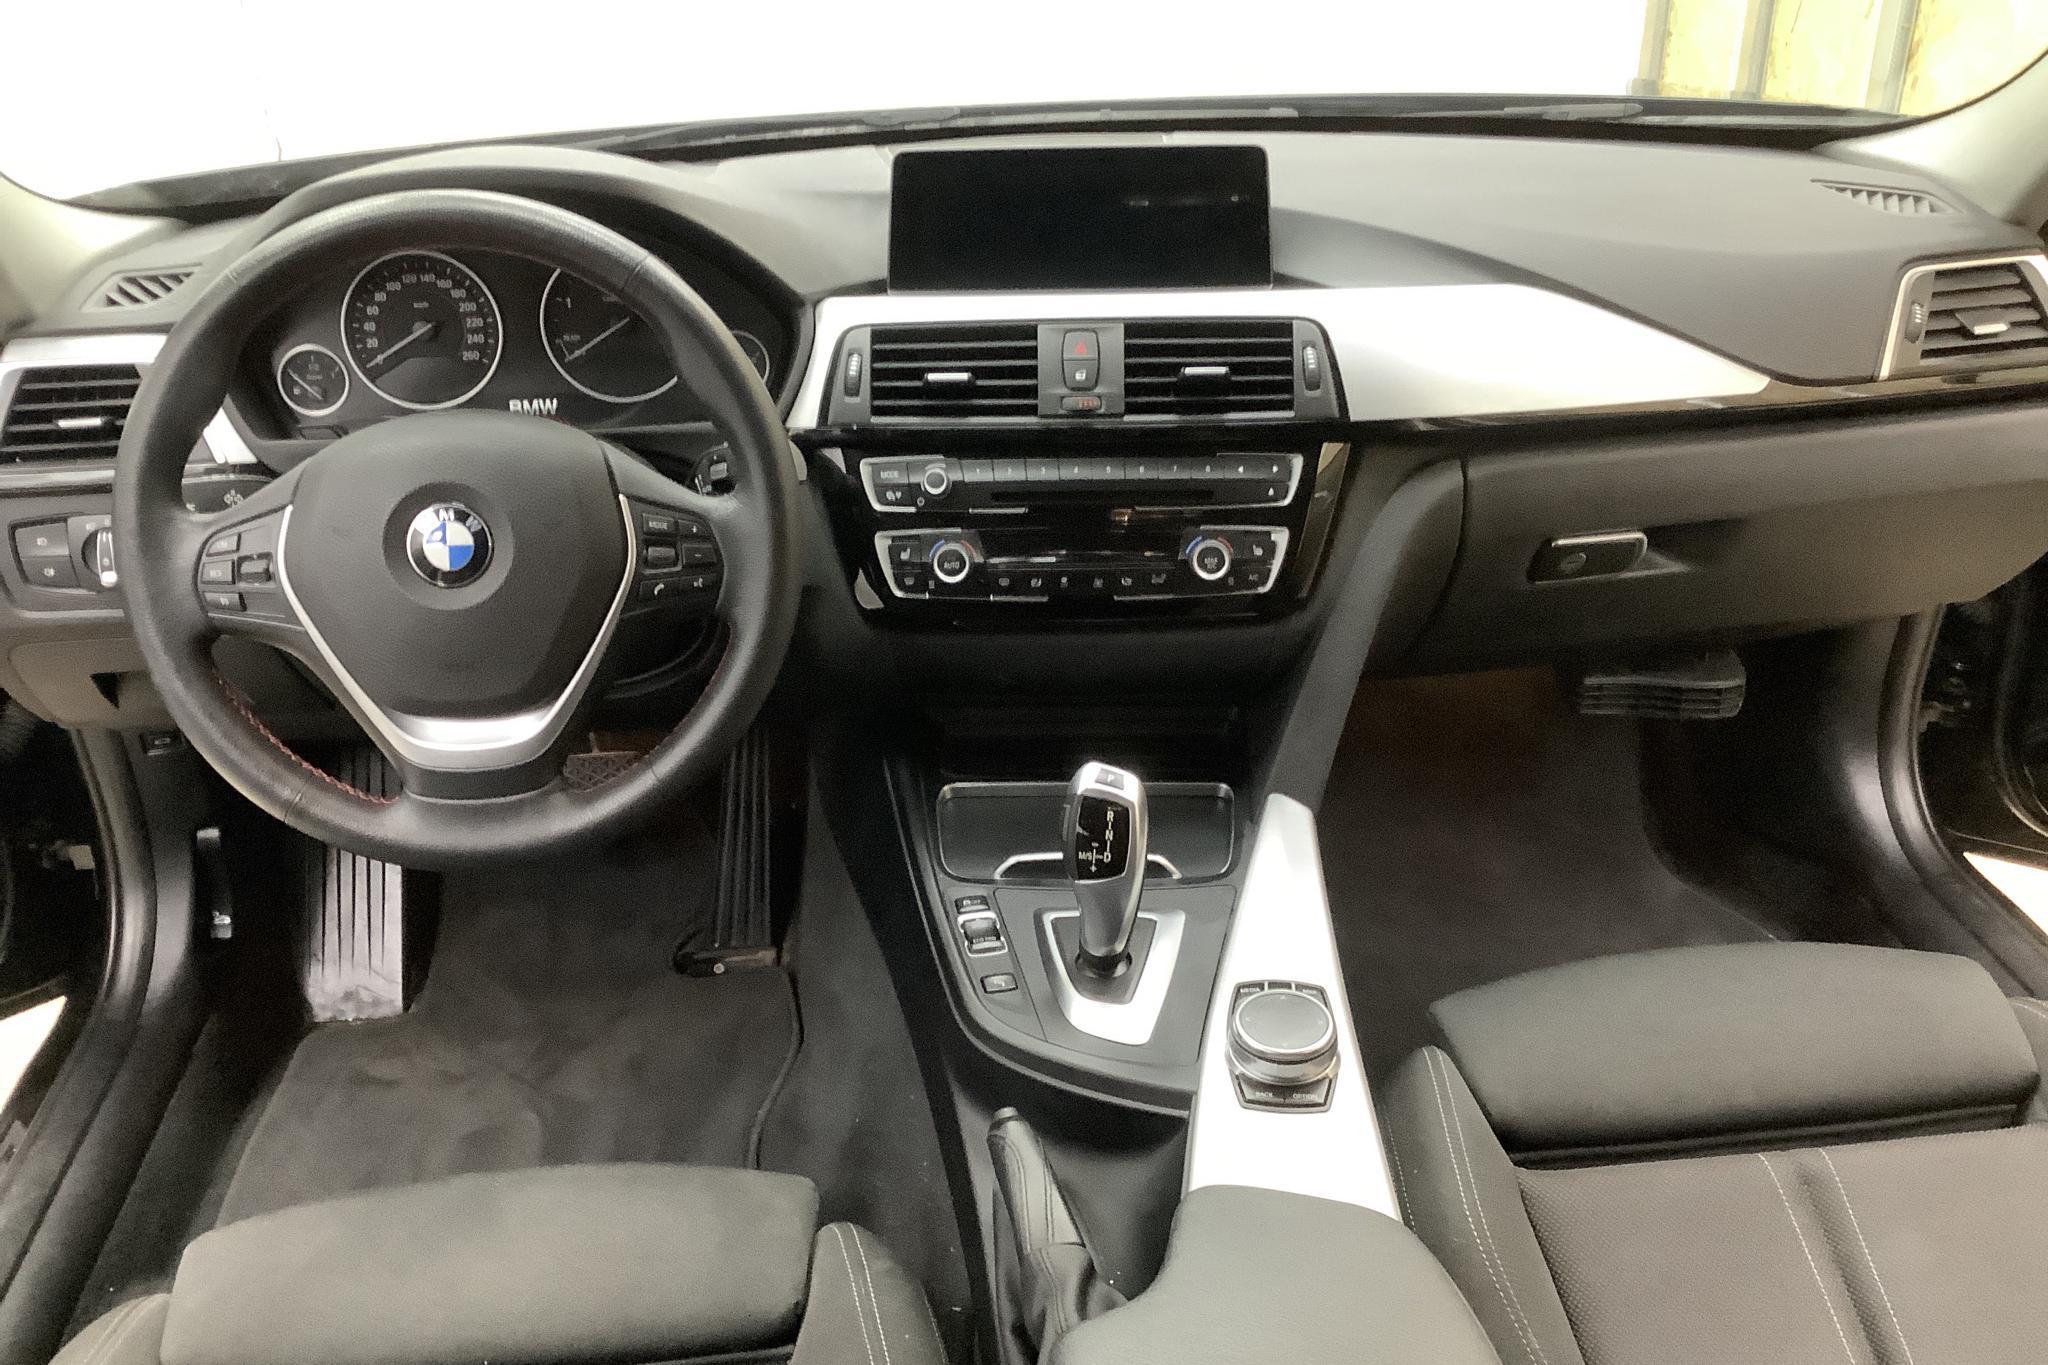 BMW 320d xDrive Touring, F31 (190hk) - 39 930 km - Automatic - black - 2017